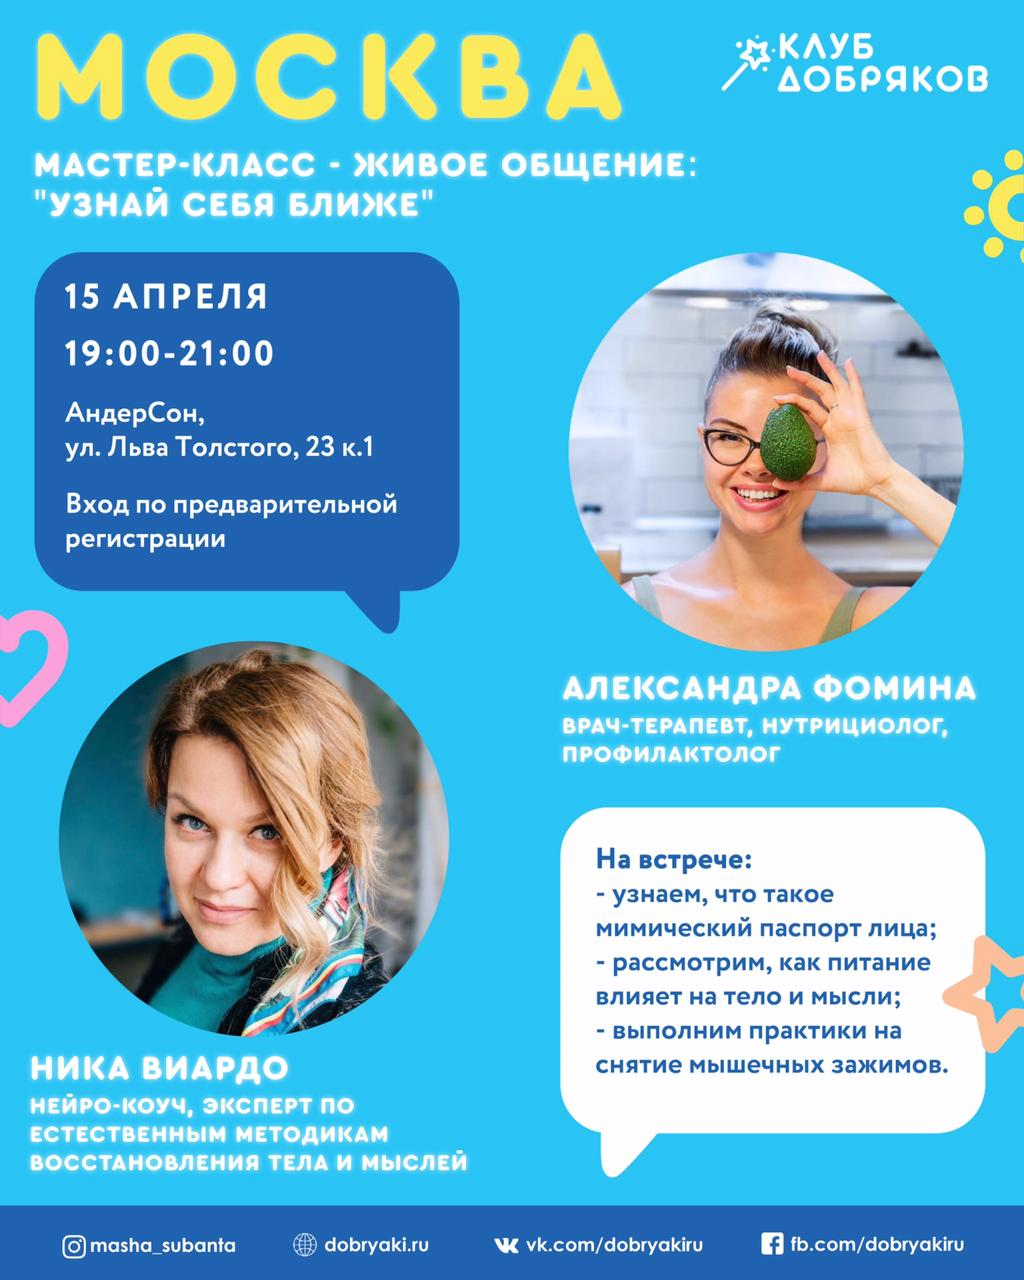 Добряковская встреча в Москве с нейро-коучем и врачом-терапевтом